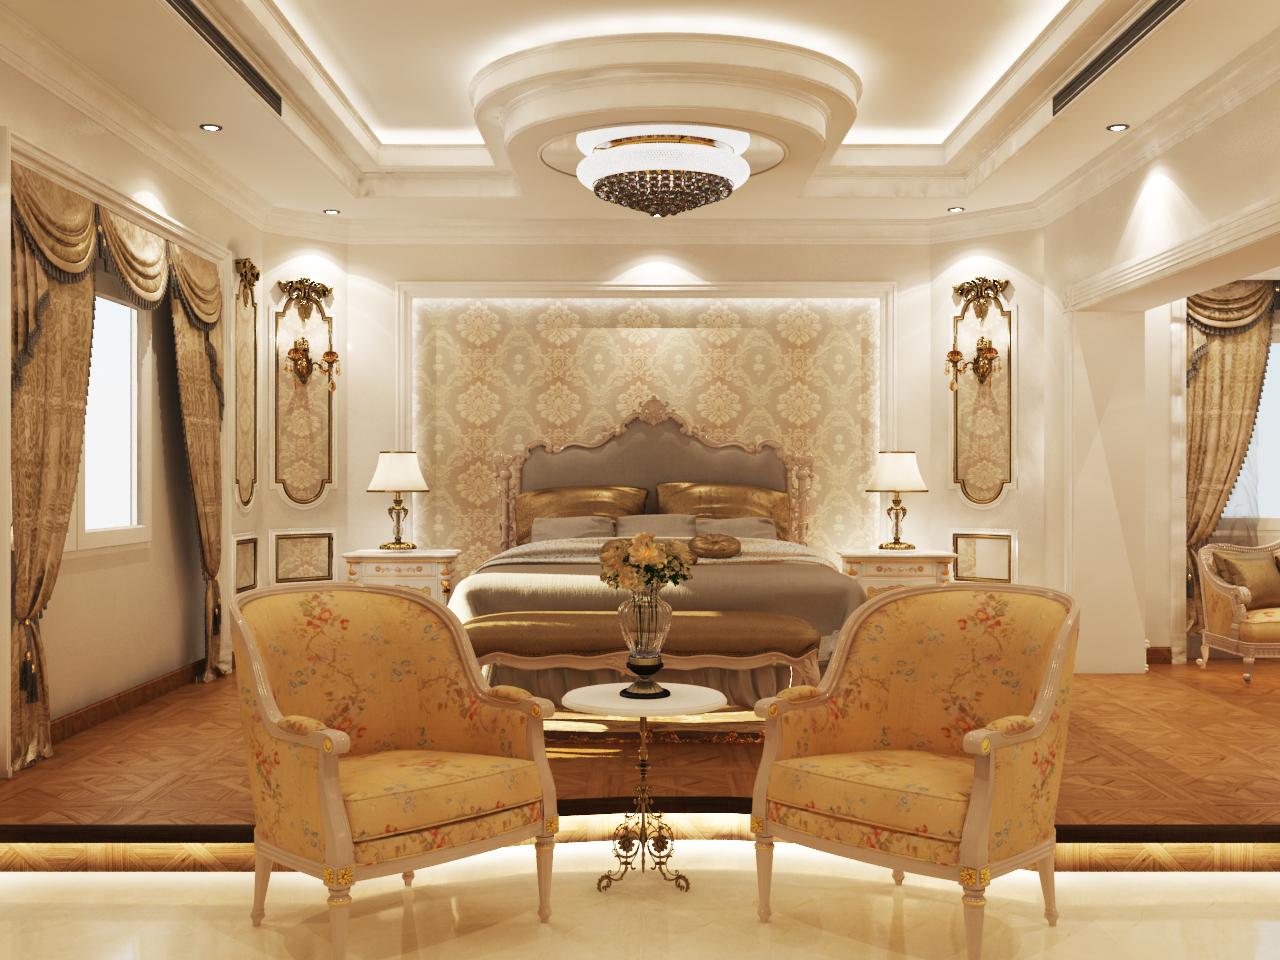 بالصور تصميم غرف , افضل تصميمات للغرف 5730 8